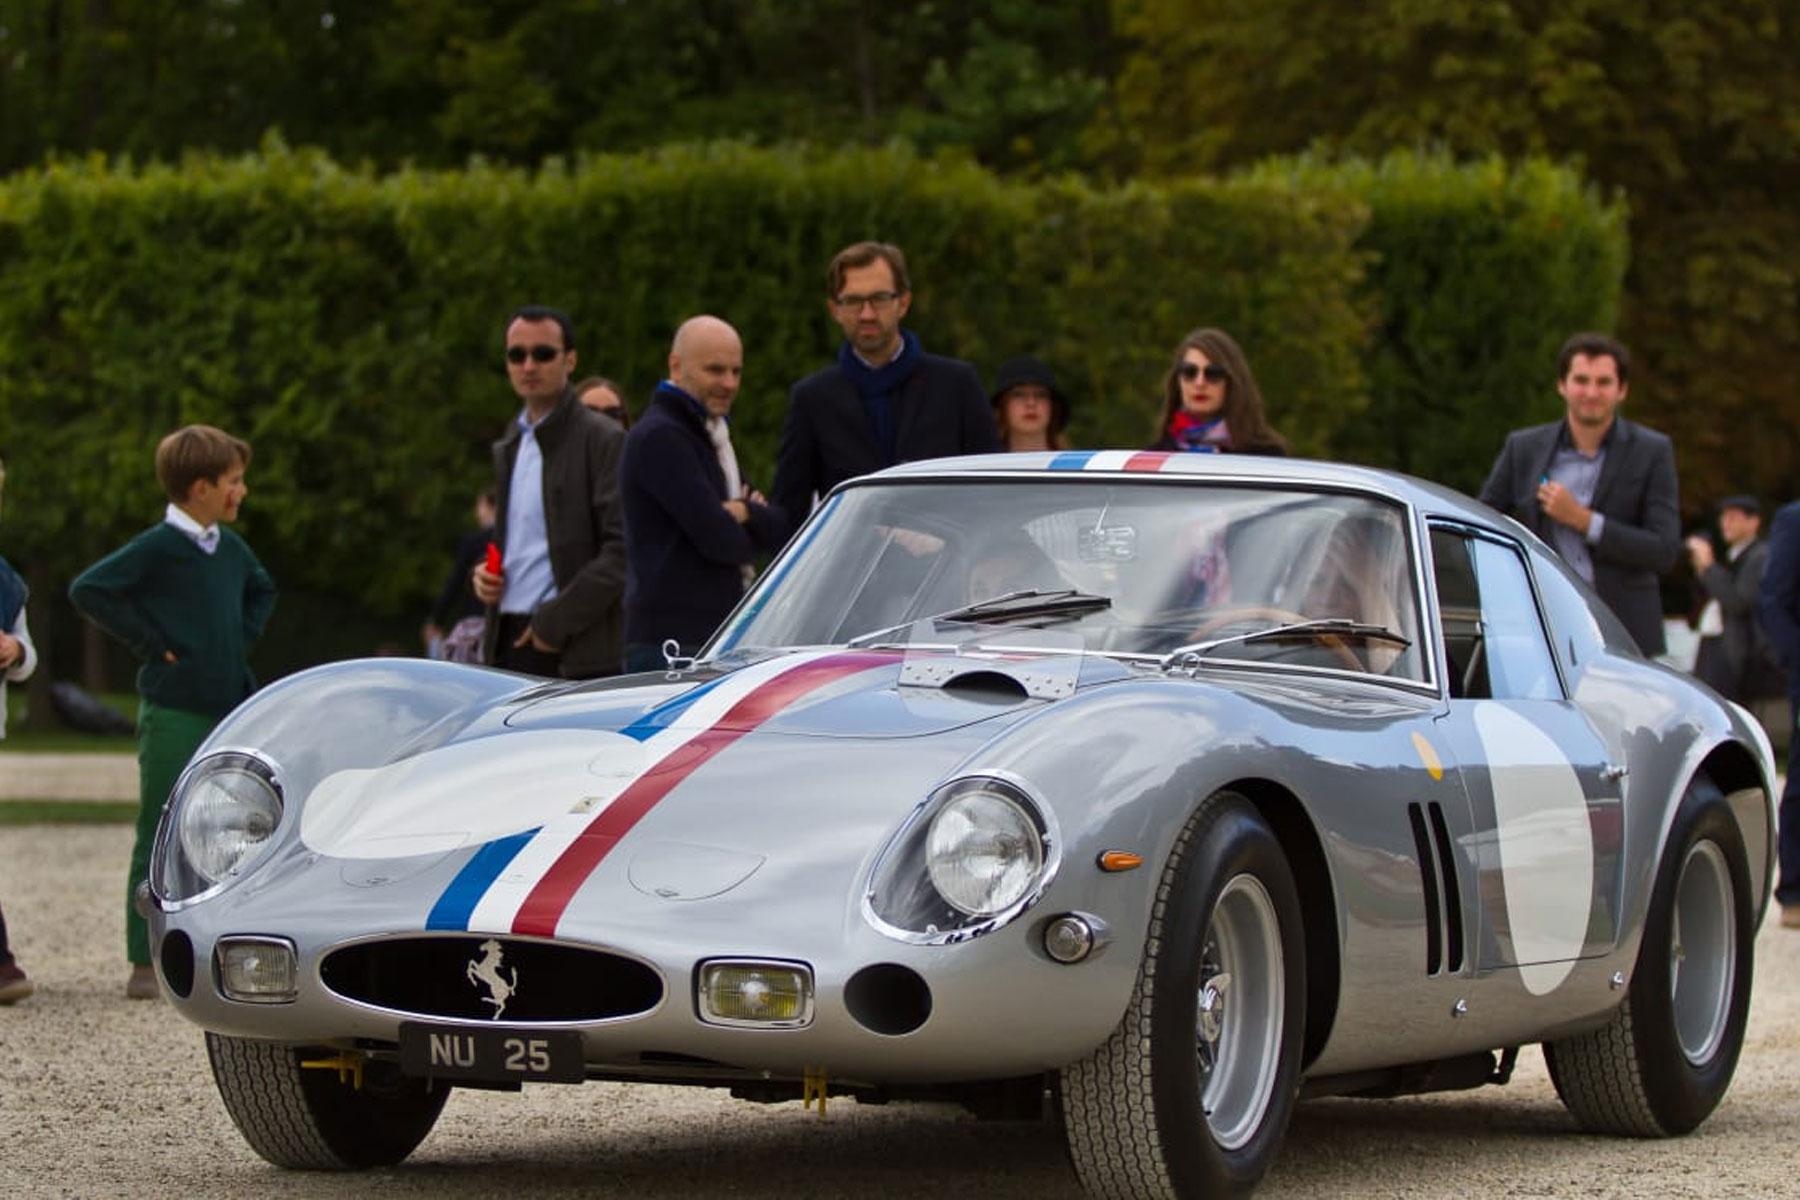 Vintage cars auction